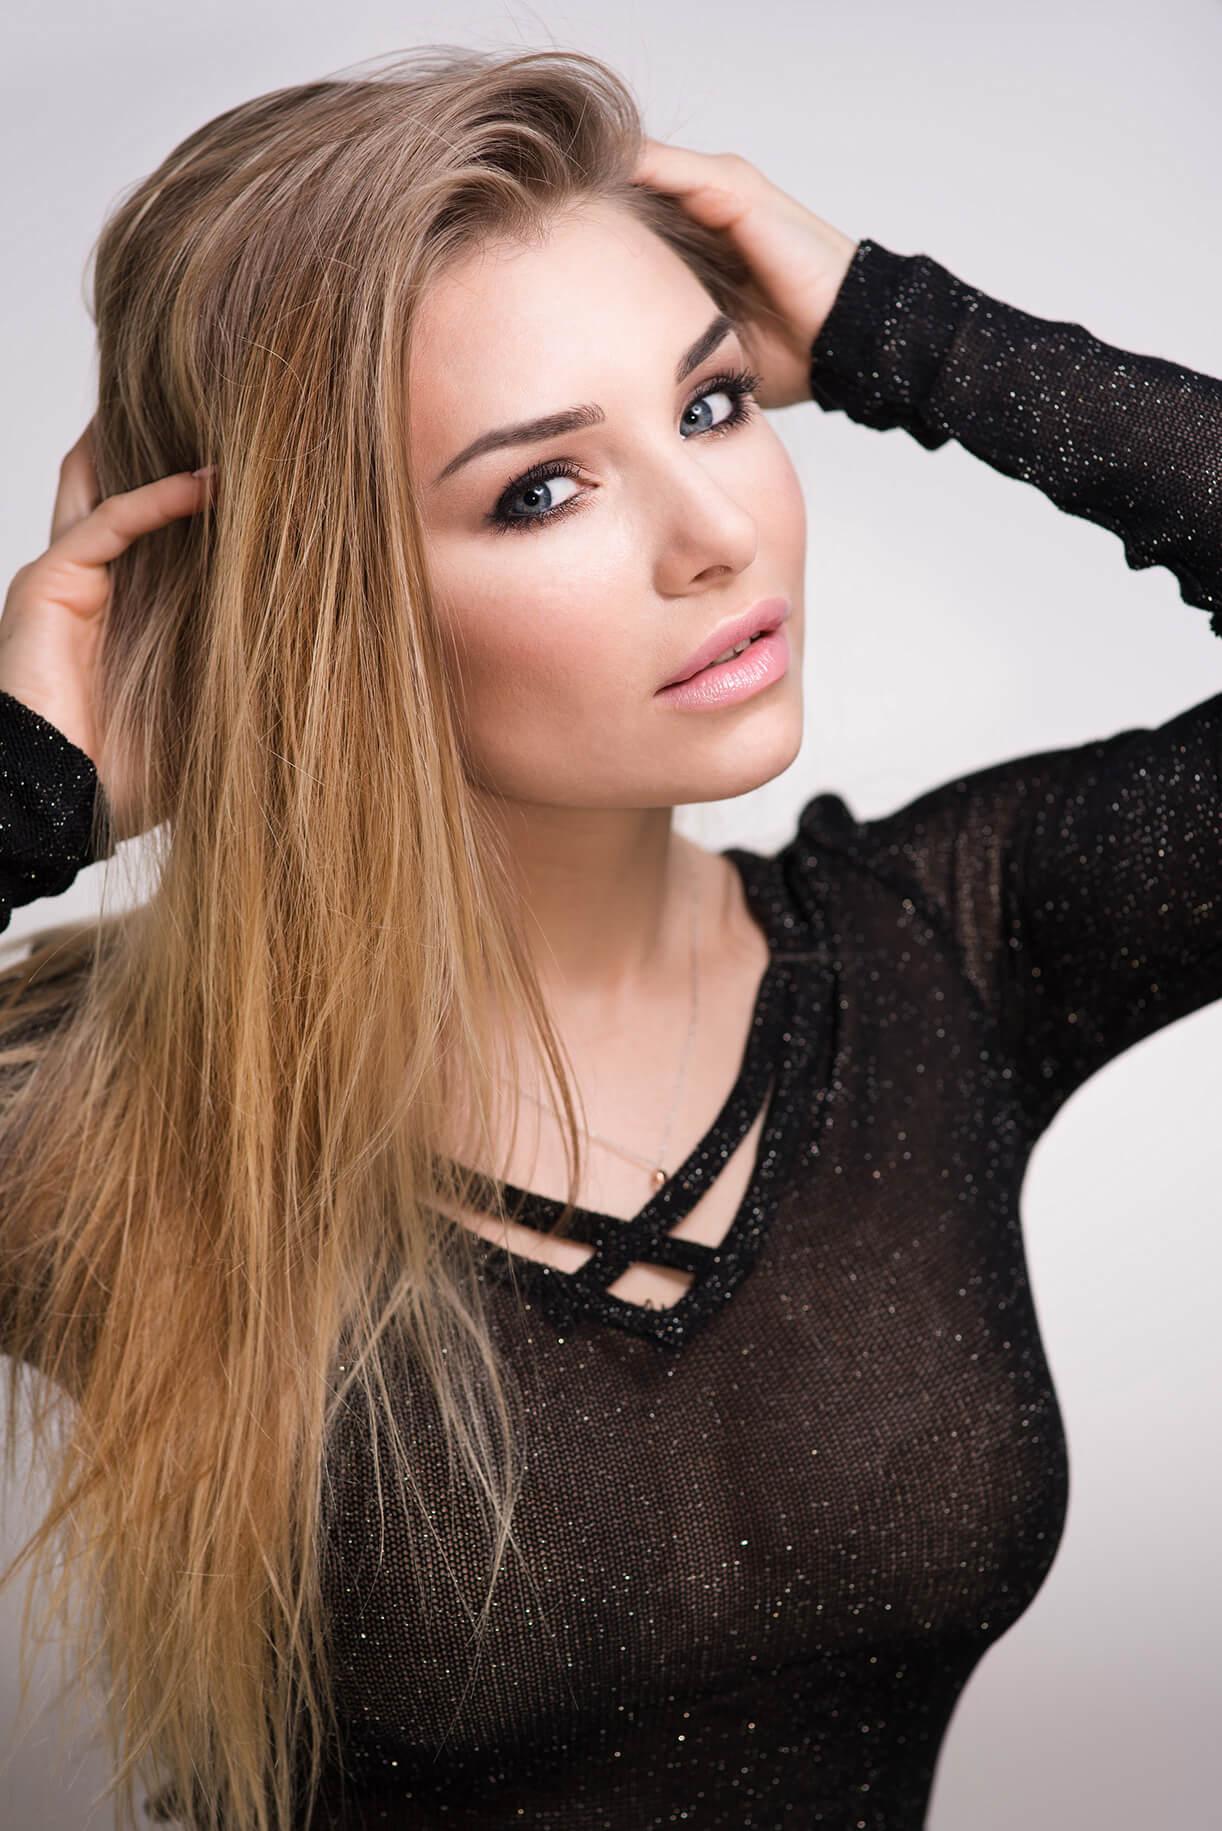 Девушка с аккуратными бровями и макияжем